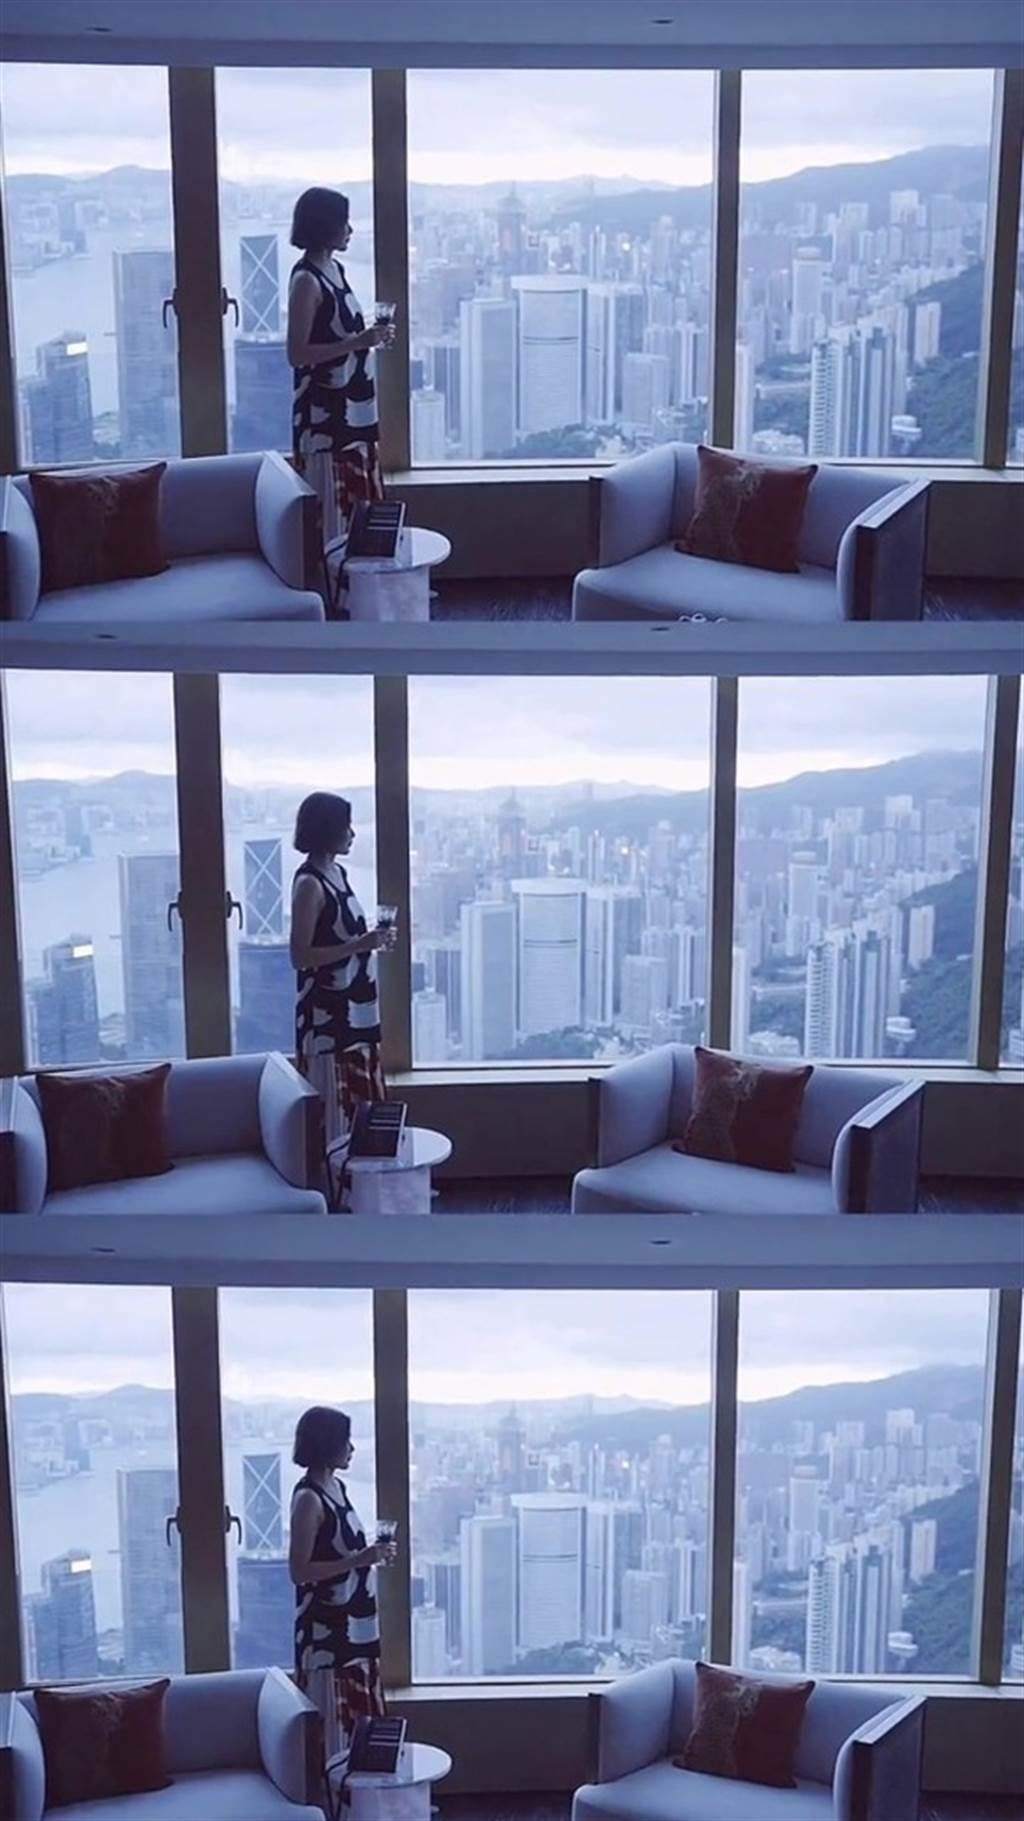 關之琳的豪宅客廳可以遠眺海景。(圖/取材自東網)